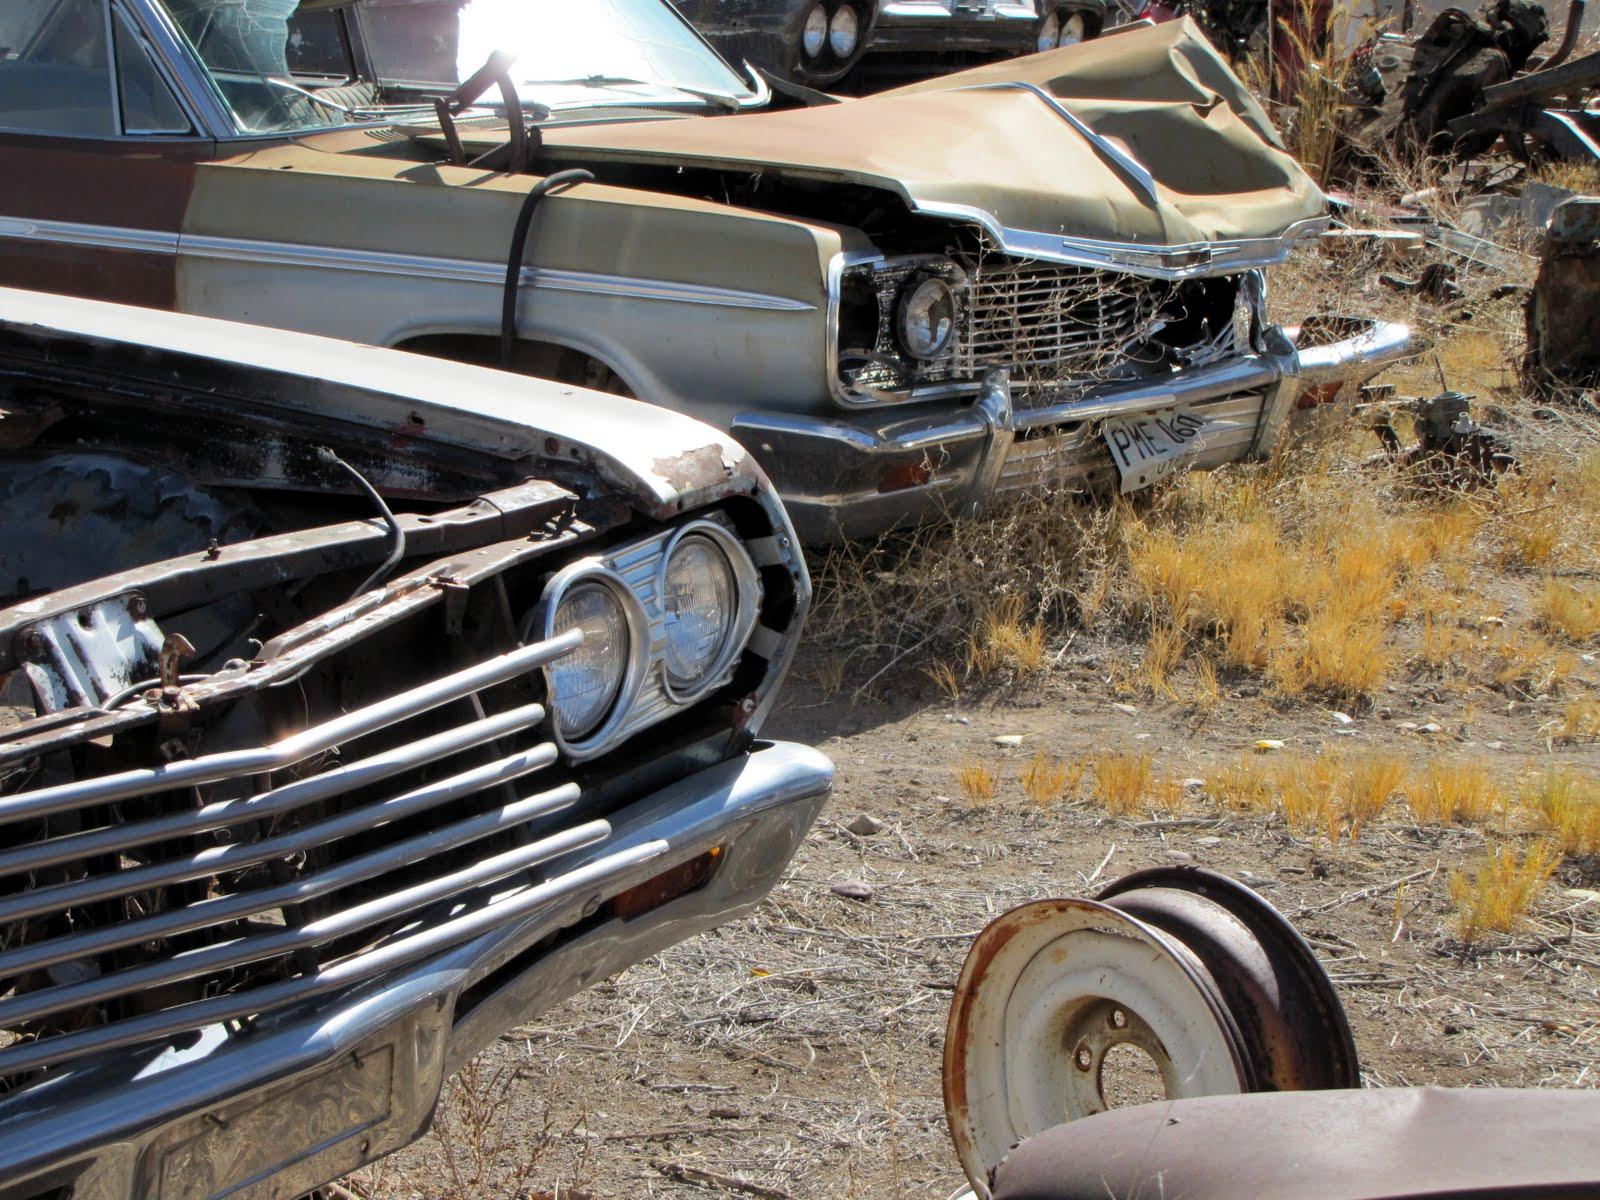 1963 Chevrolet Impala, 1964 Chevrolet Impala